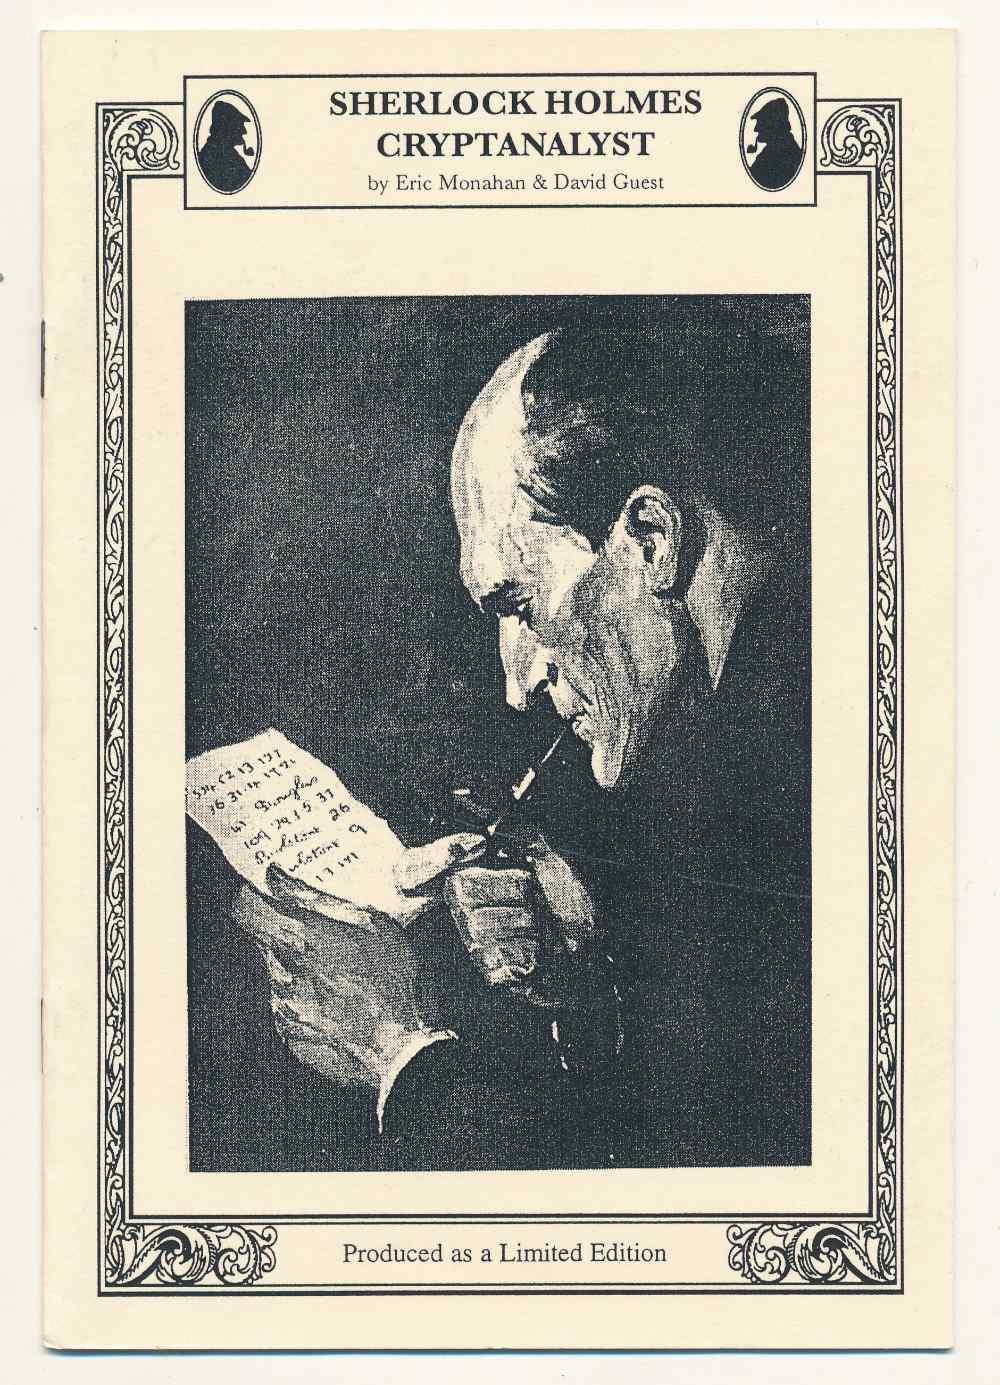 Sherlock Holmes cryptanalyst